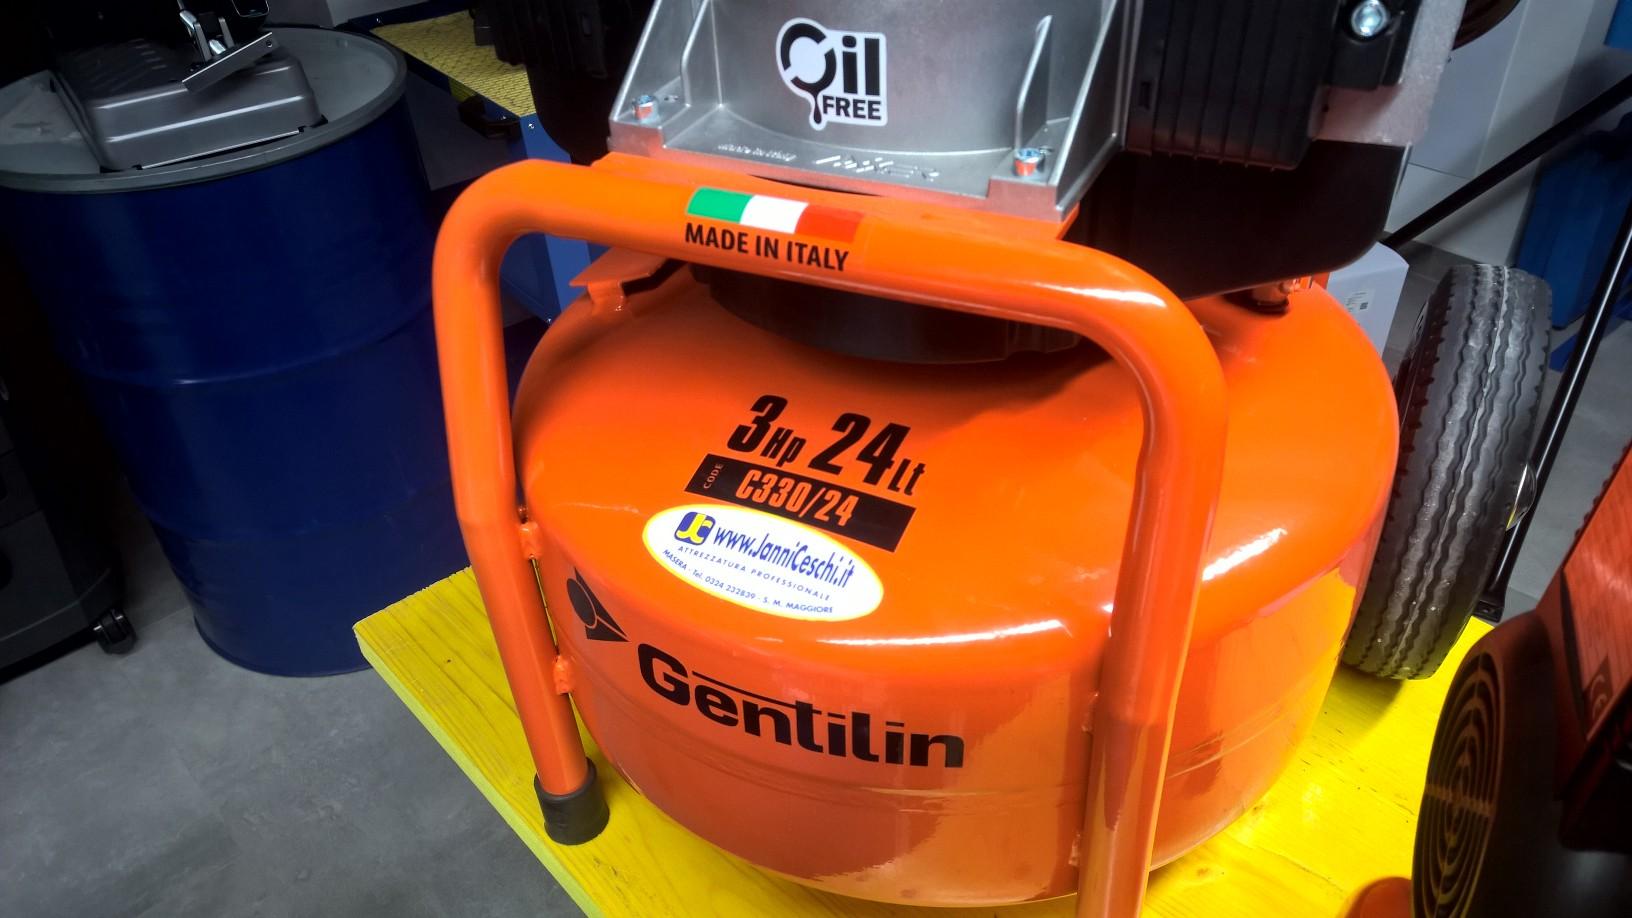 Gentilin C330-24 07